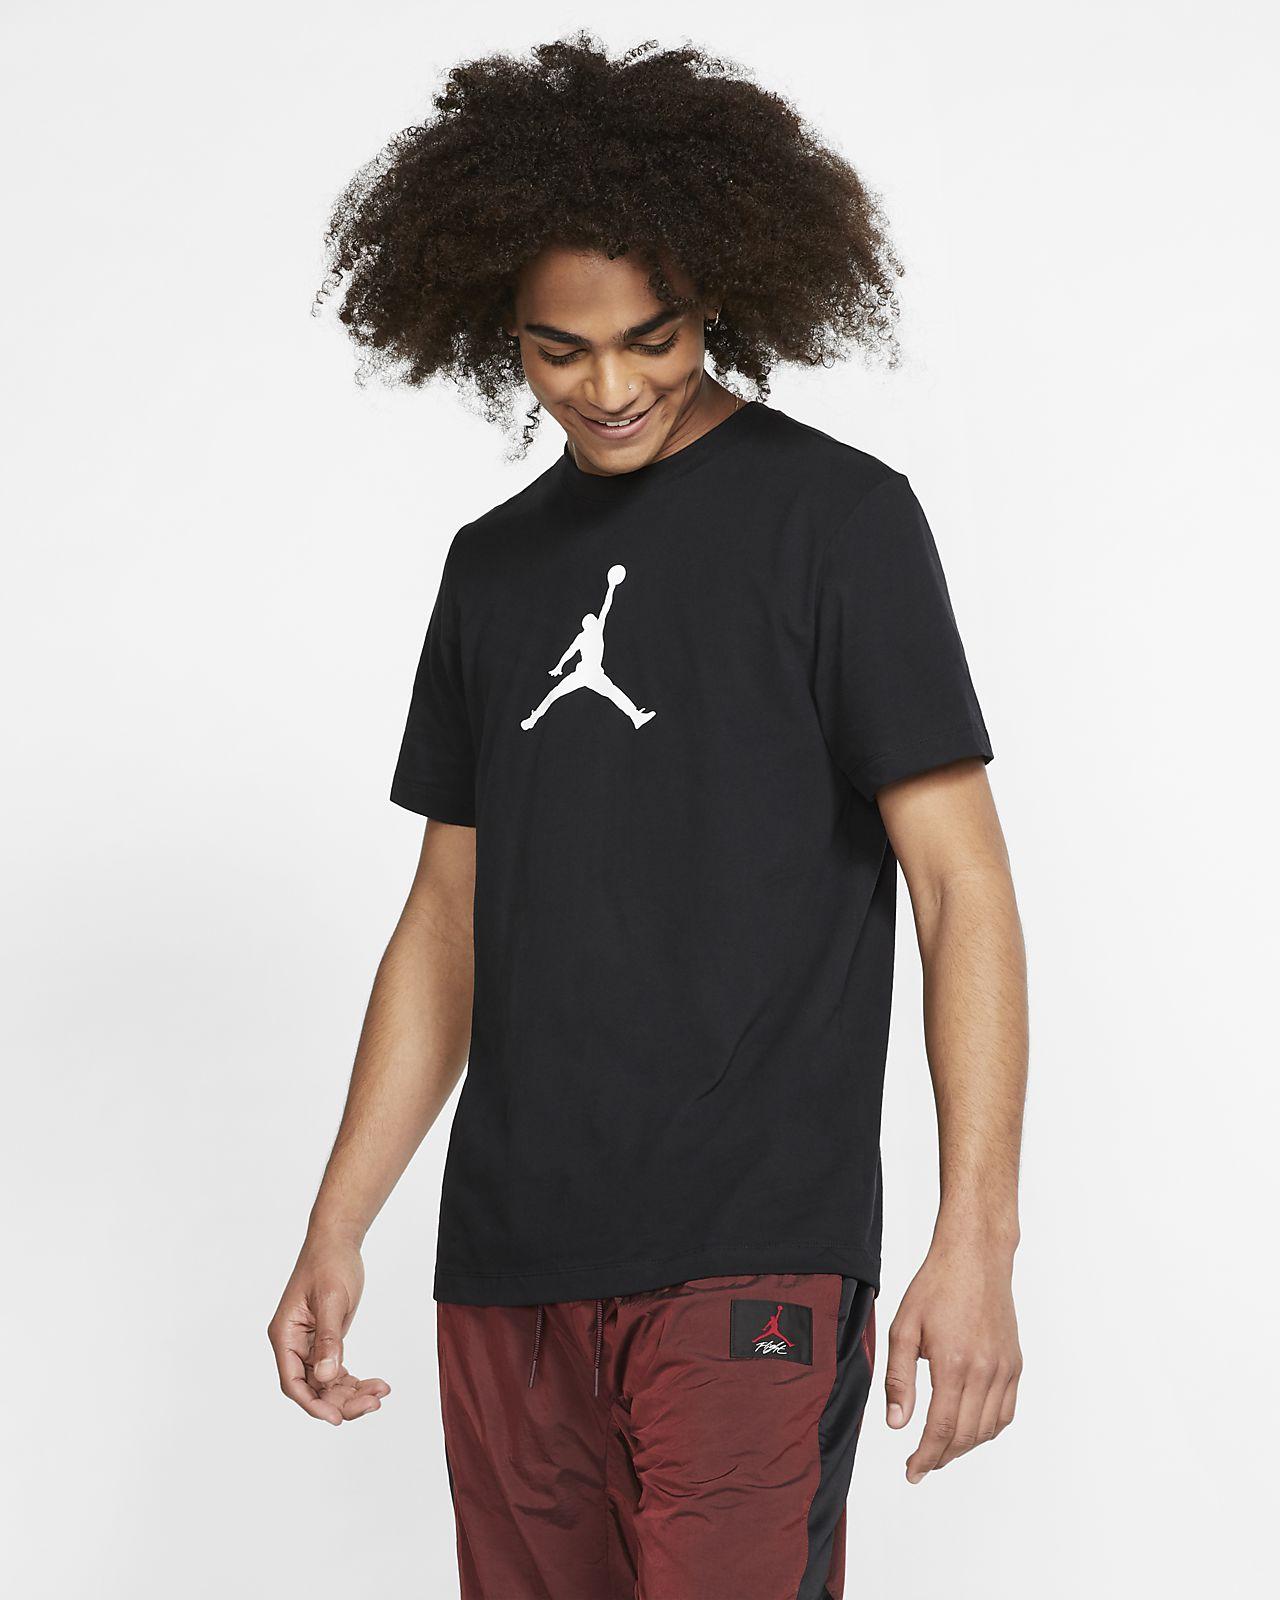 Tränings-T-shirt Jordan Iconic 23/7 för män